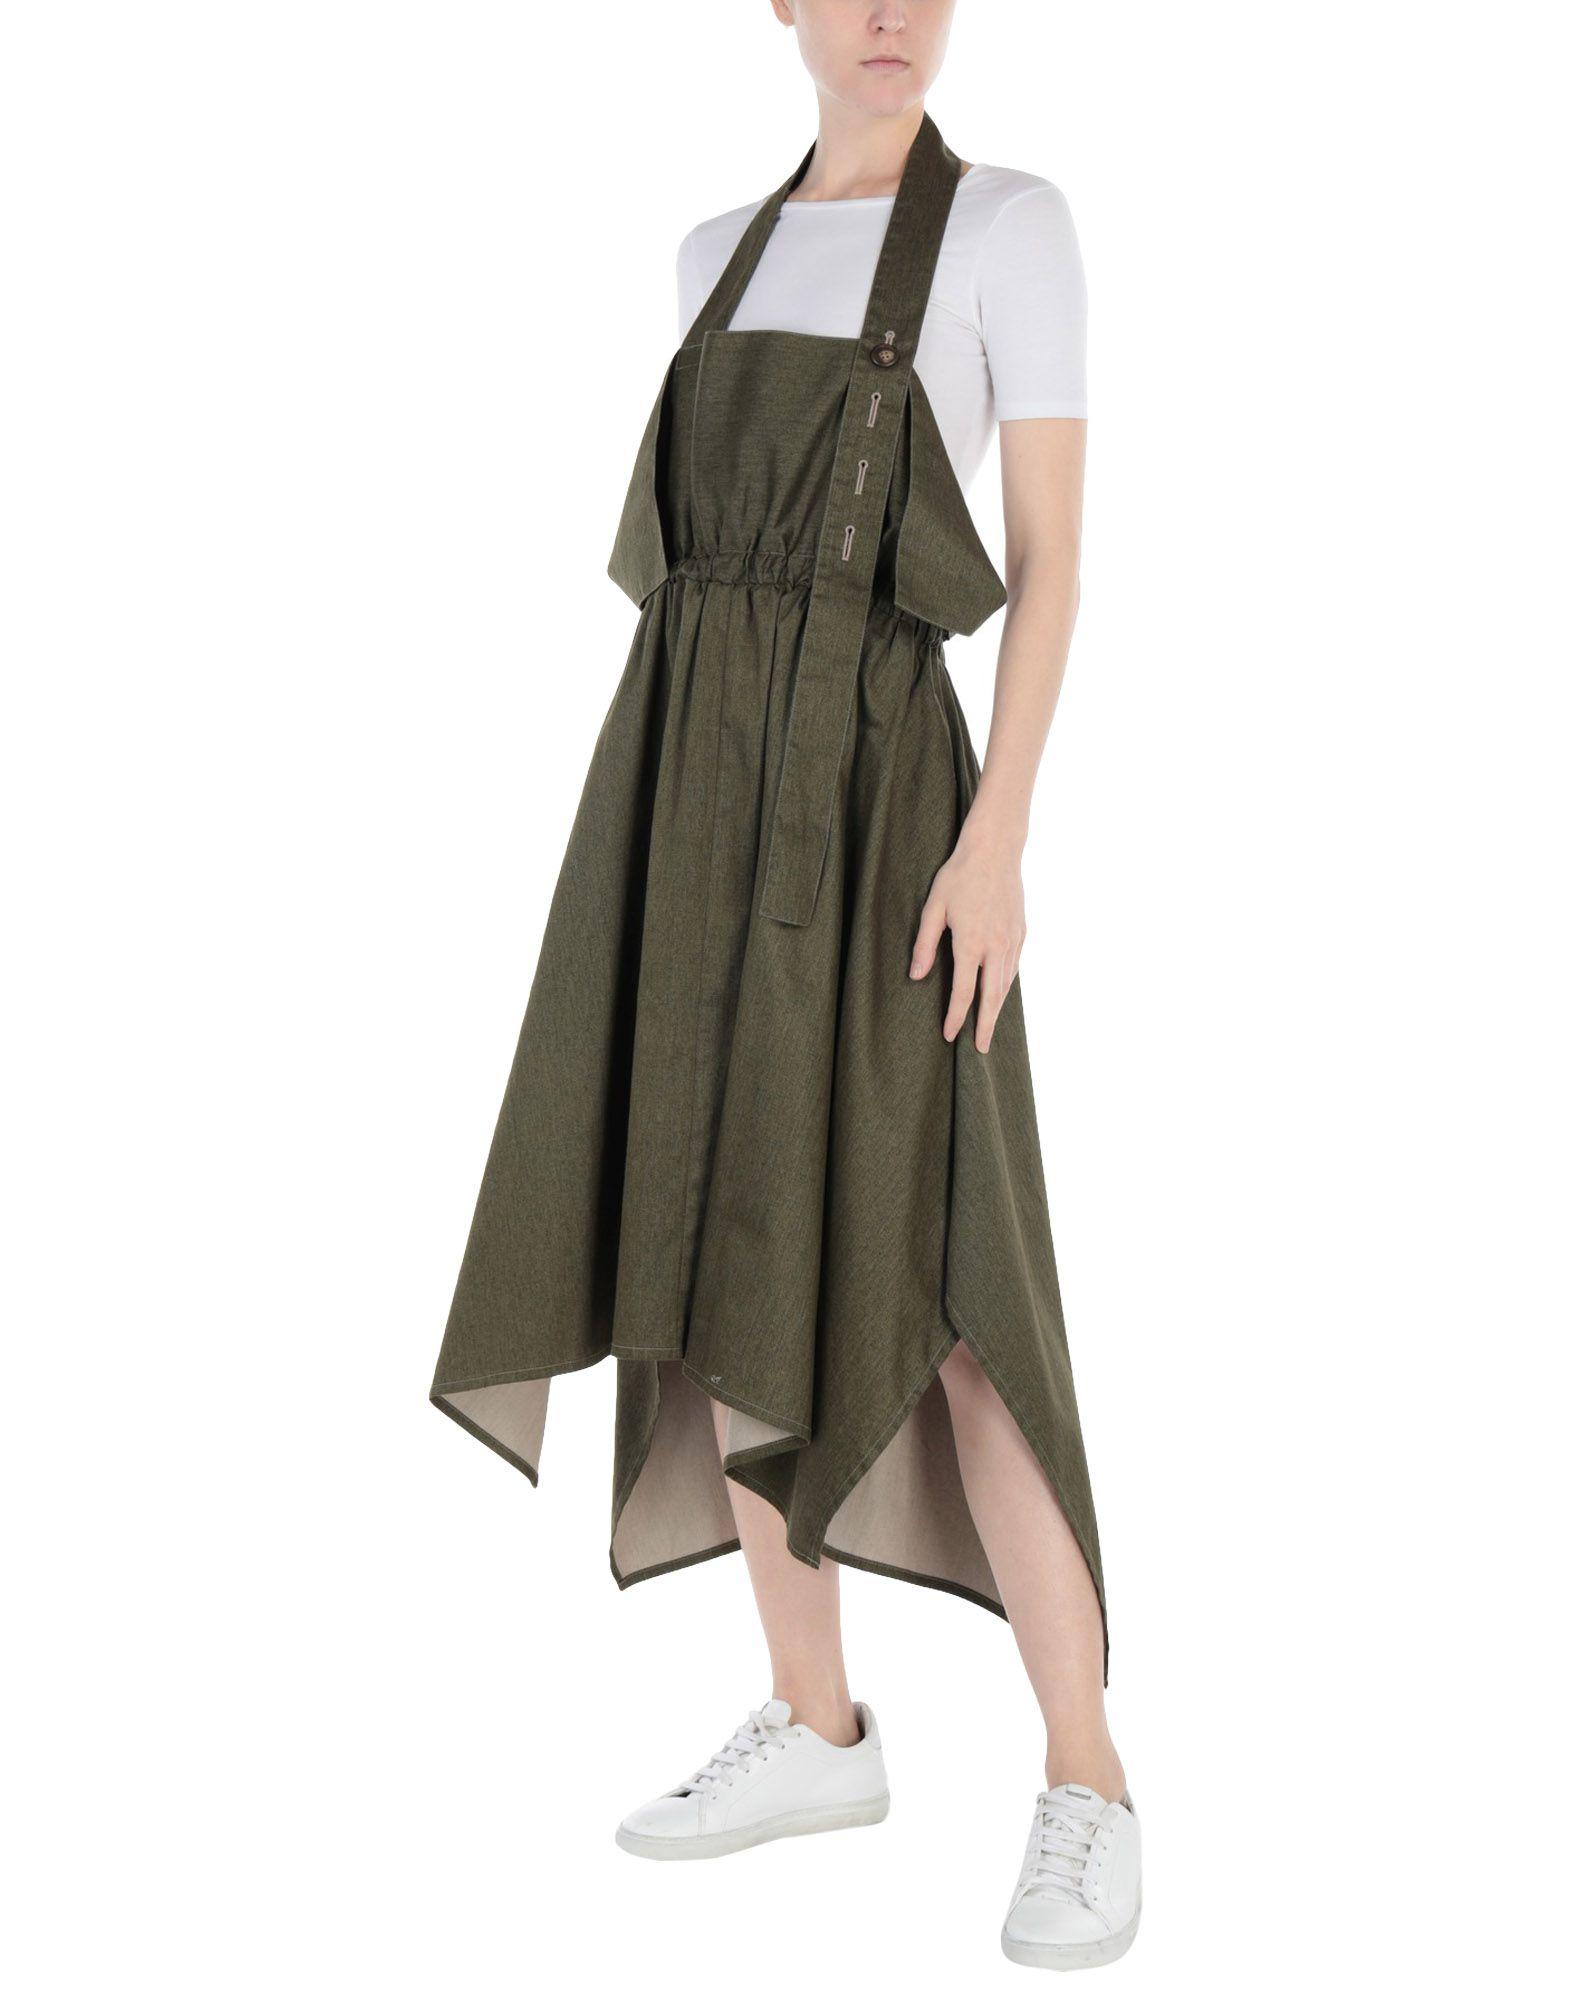 цена NOCTURNE #22 IN C SHARP MINOR, OP. POSTH. Длинная юбка в интернет-магазинах